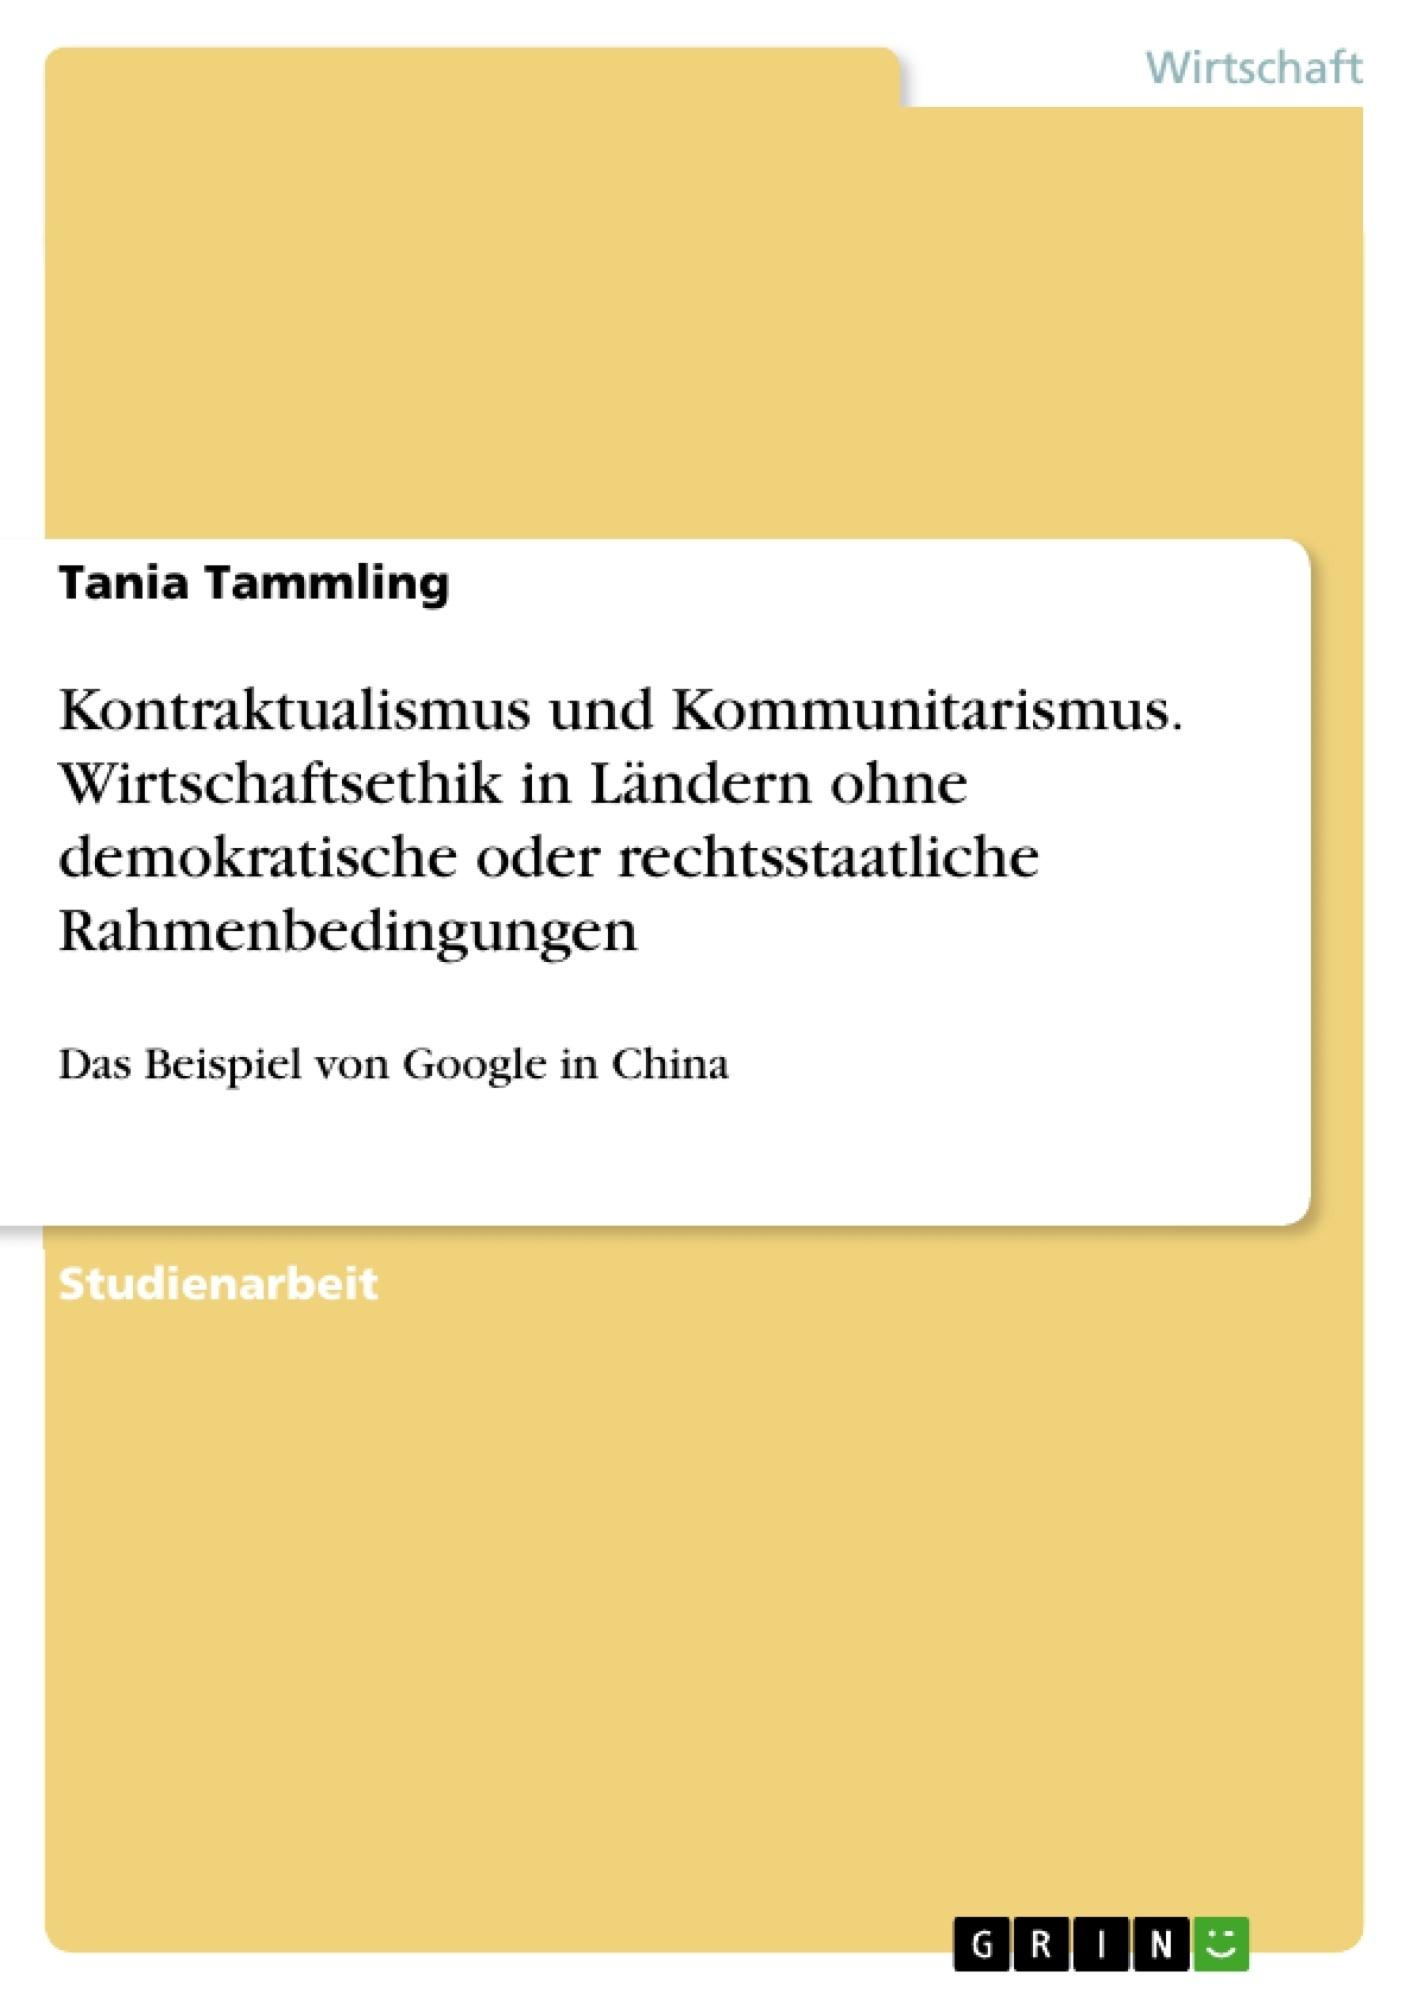 Titel: Kontraktualismus und Kommunitarismus. Wirtschaftsethik in Ländern ohne demokratische oder rechtsstaatliche Rahmenbedingungen